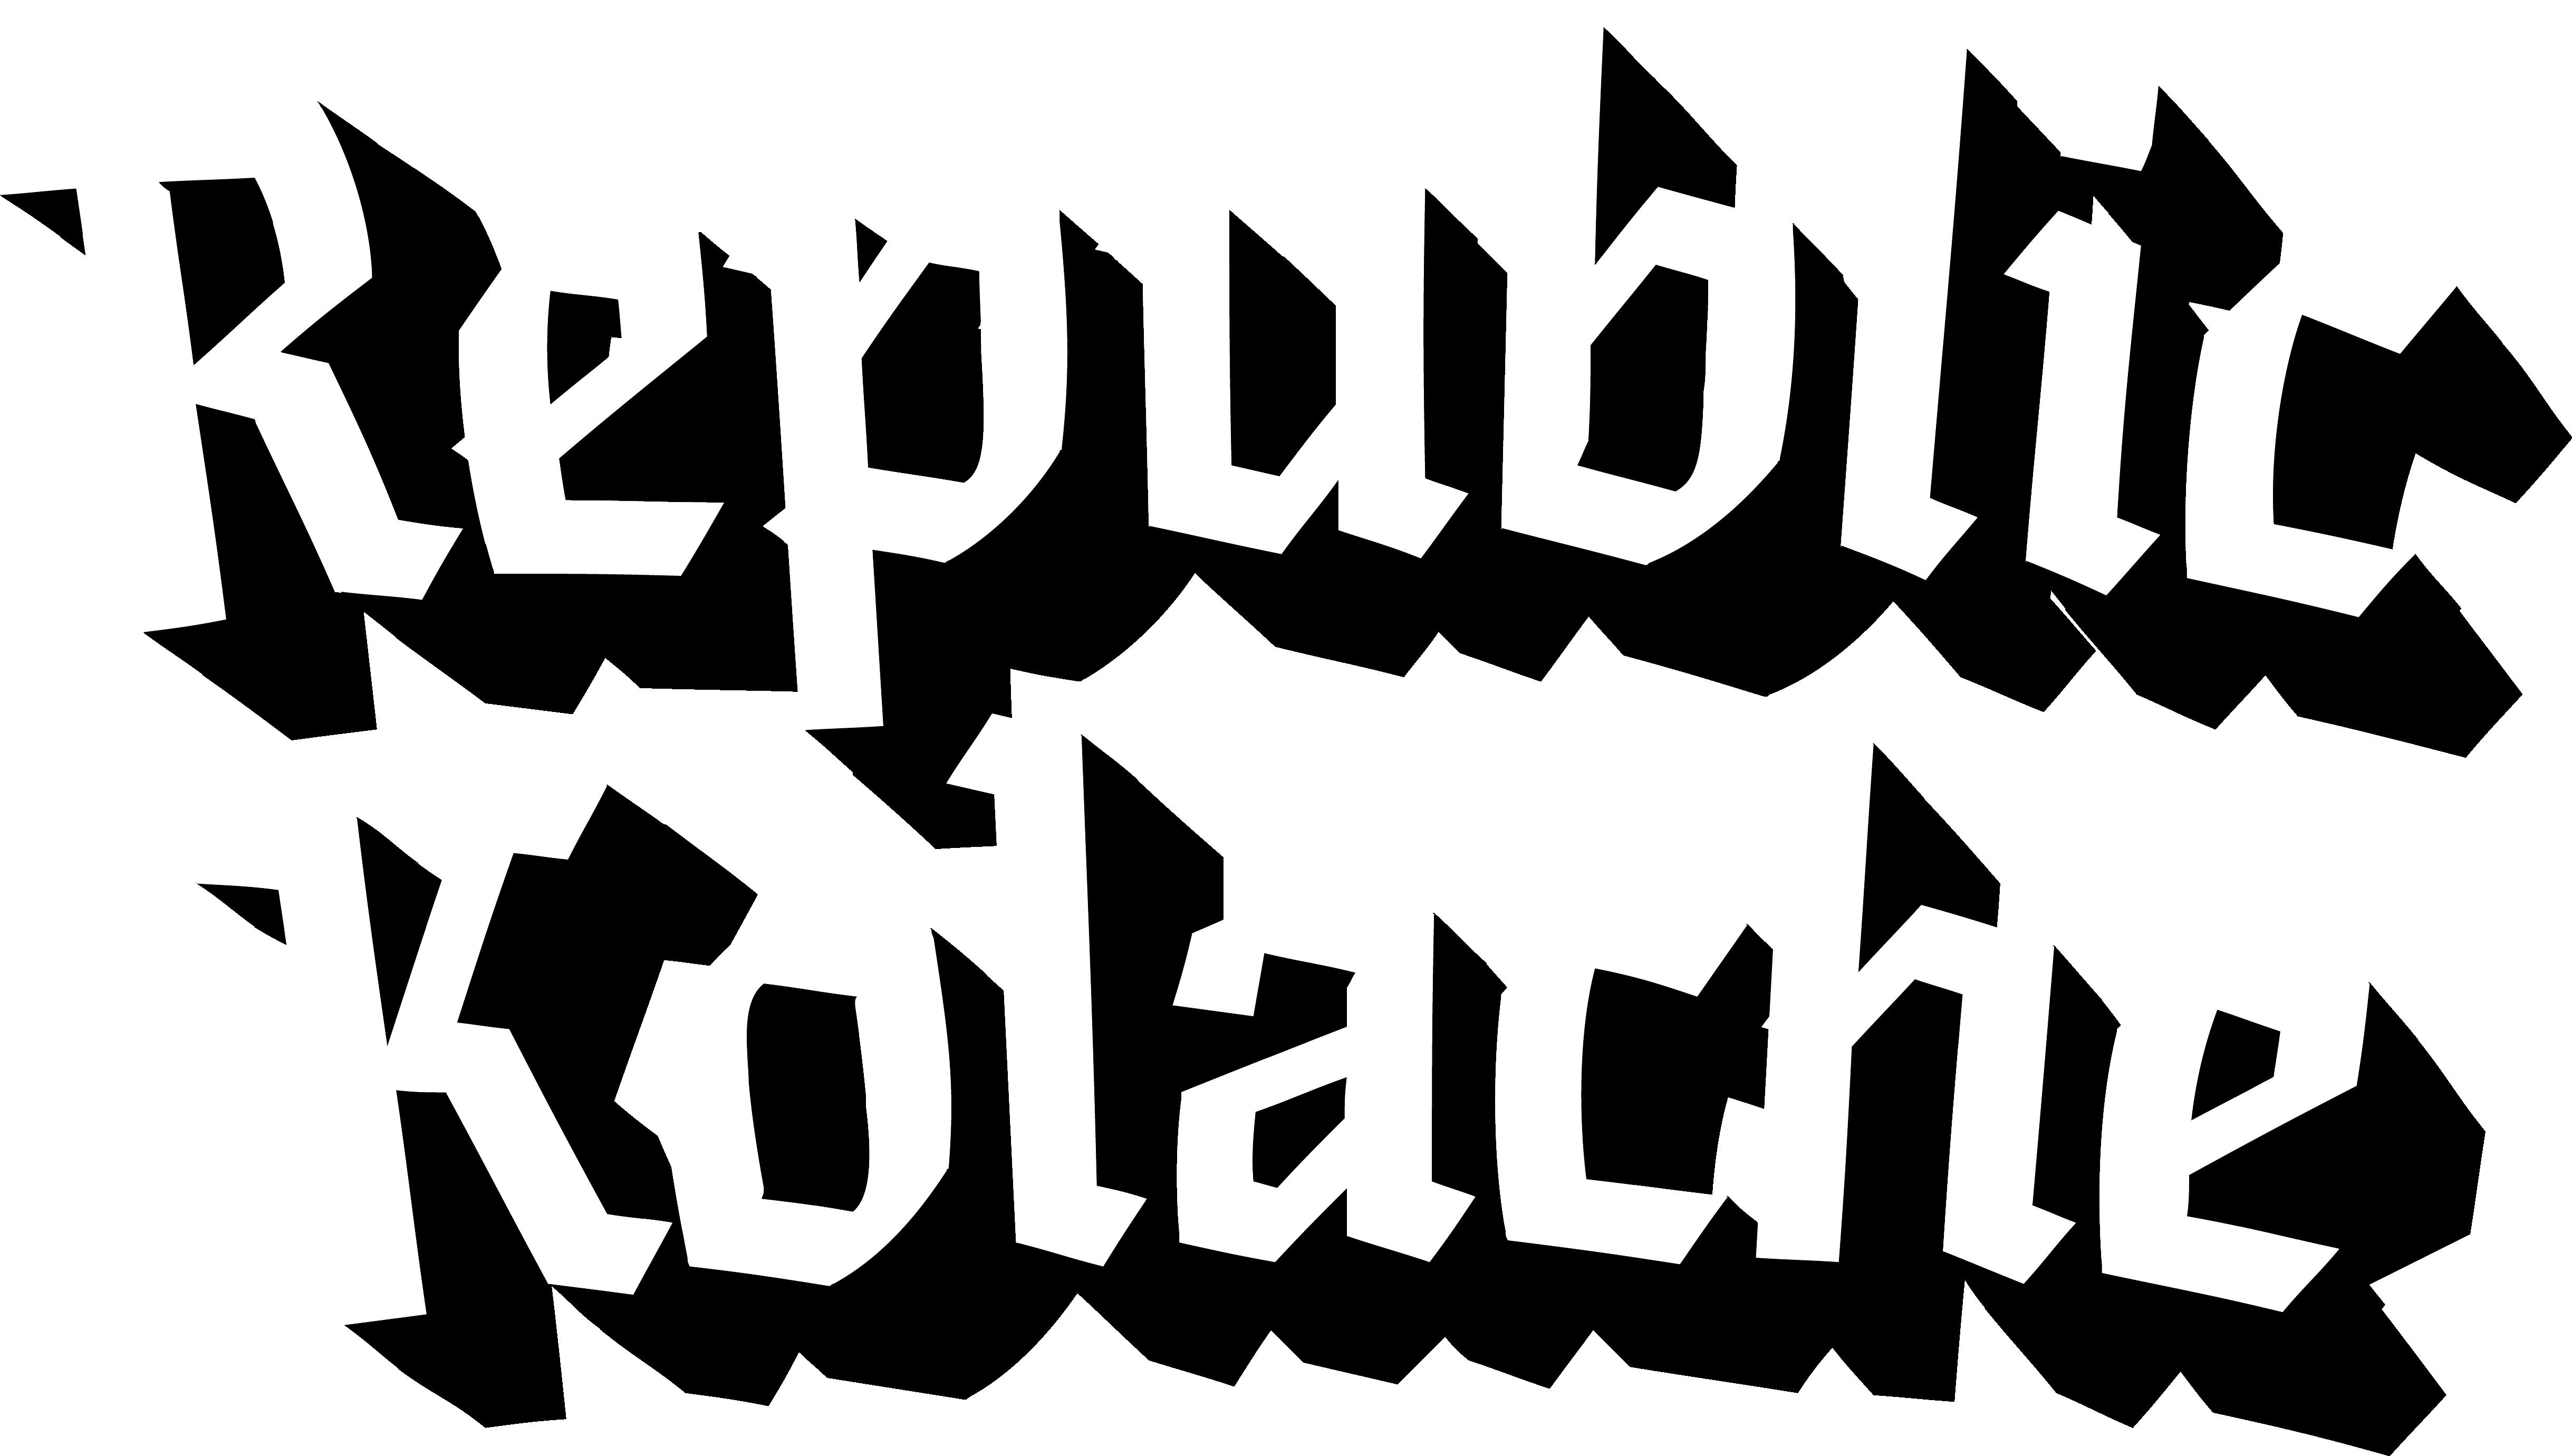 republic kolache